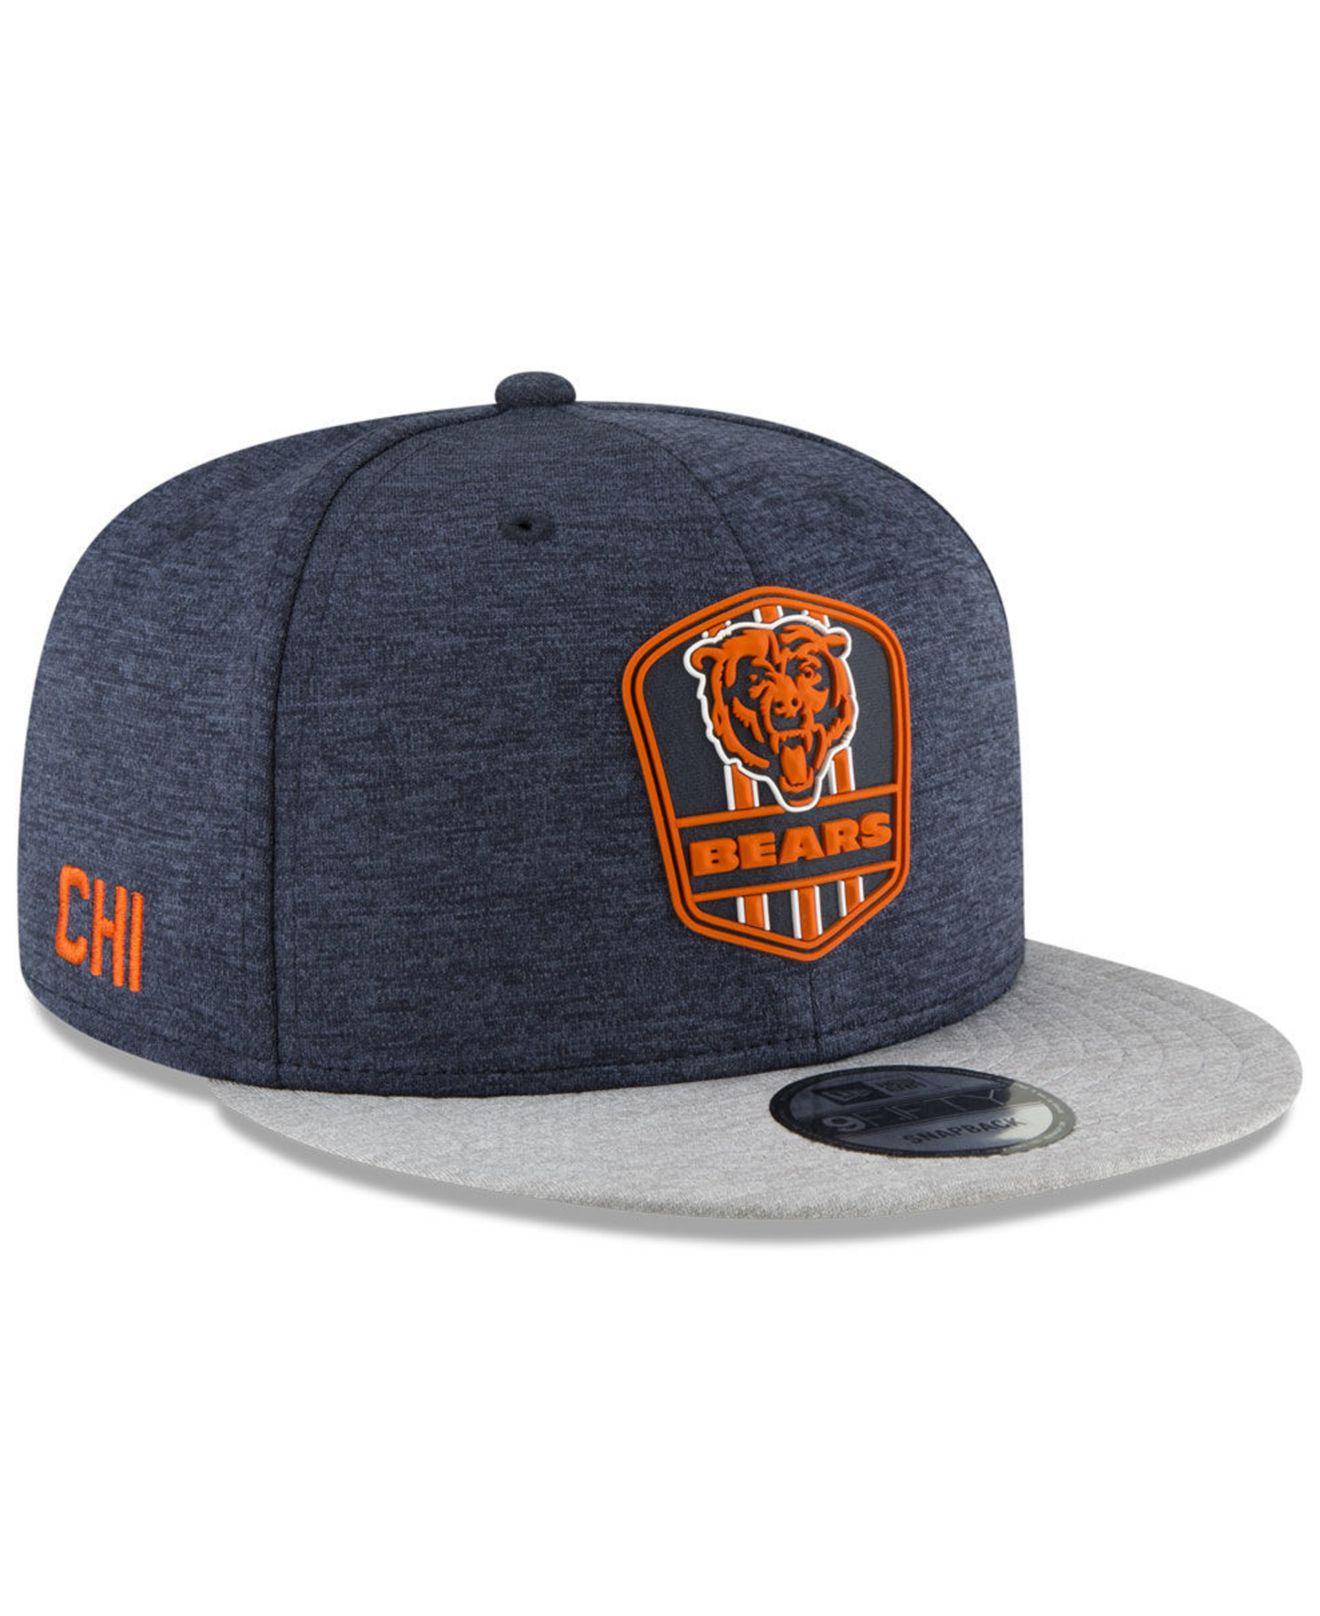 f04ede88561 Lyst - Ktz Chicago Bears On Field Sideline Road 9fifty Snapback Cap ...